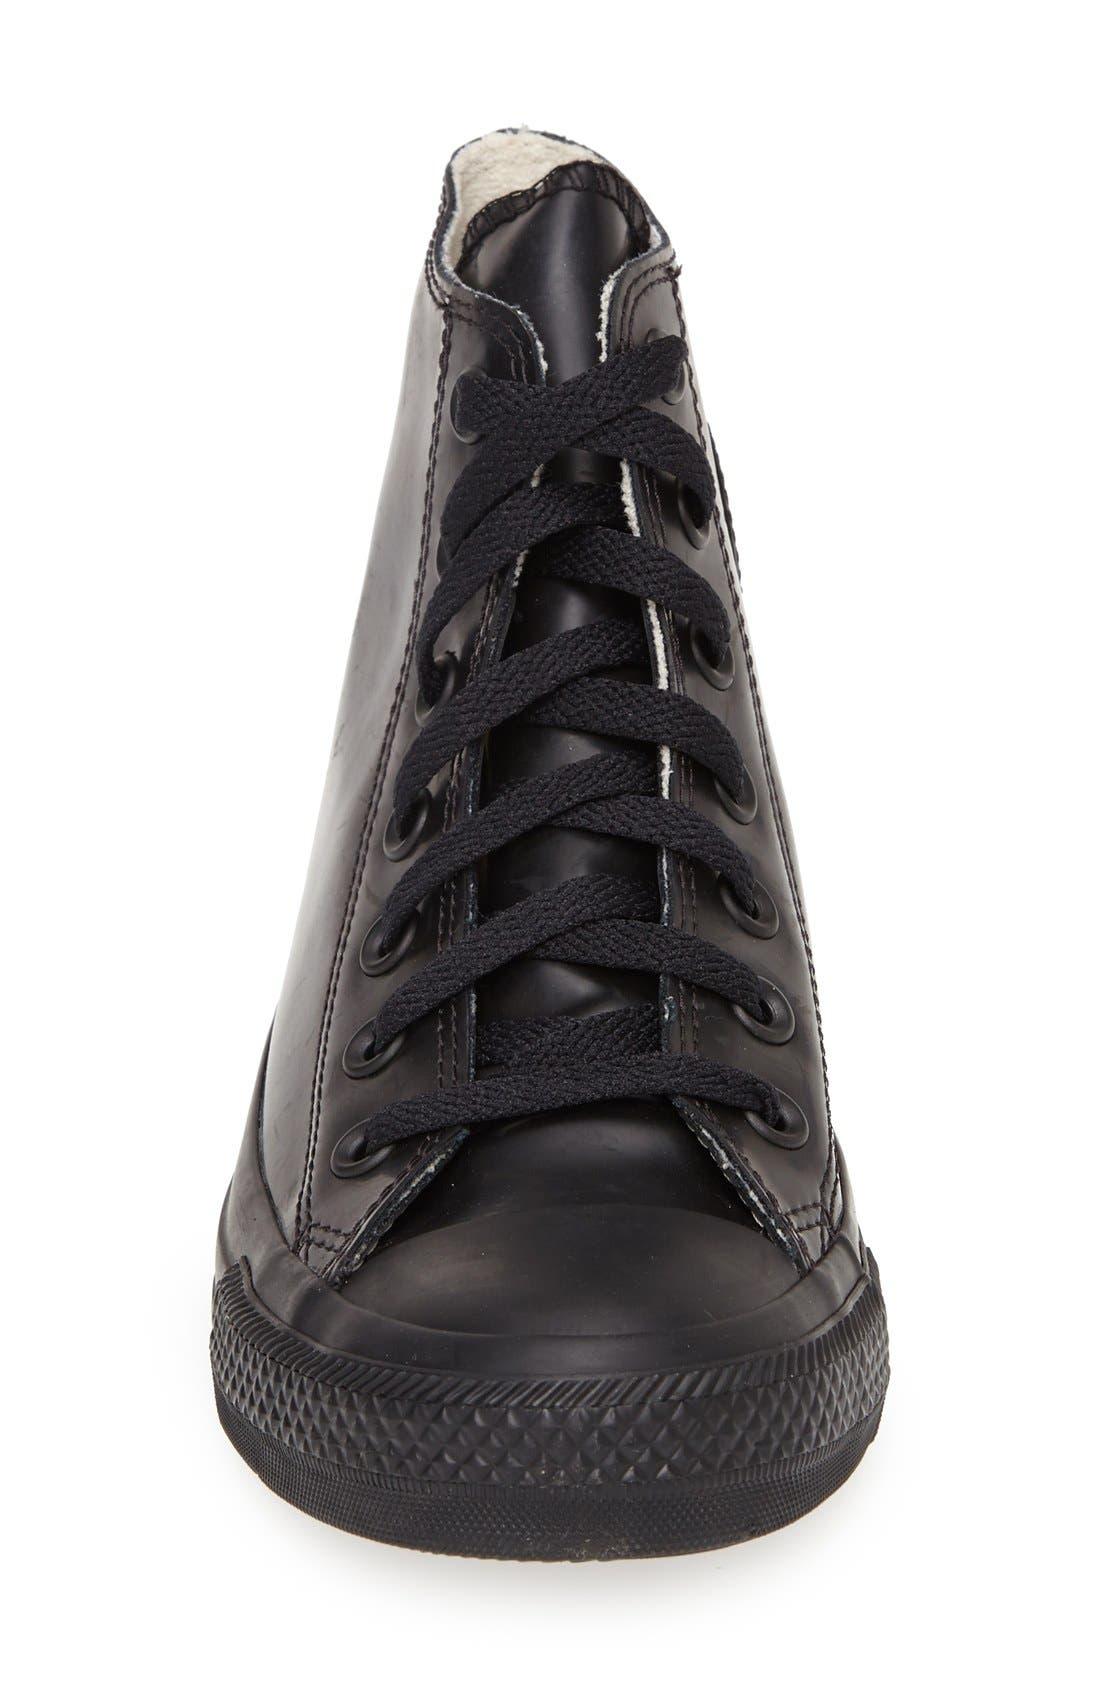 Alternate Image 3  - Chuck Taylor® All Star® Waterproof Rubber Rain Sneaker (Women)